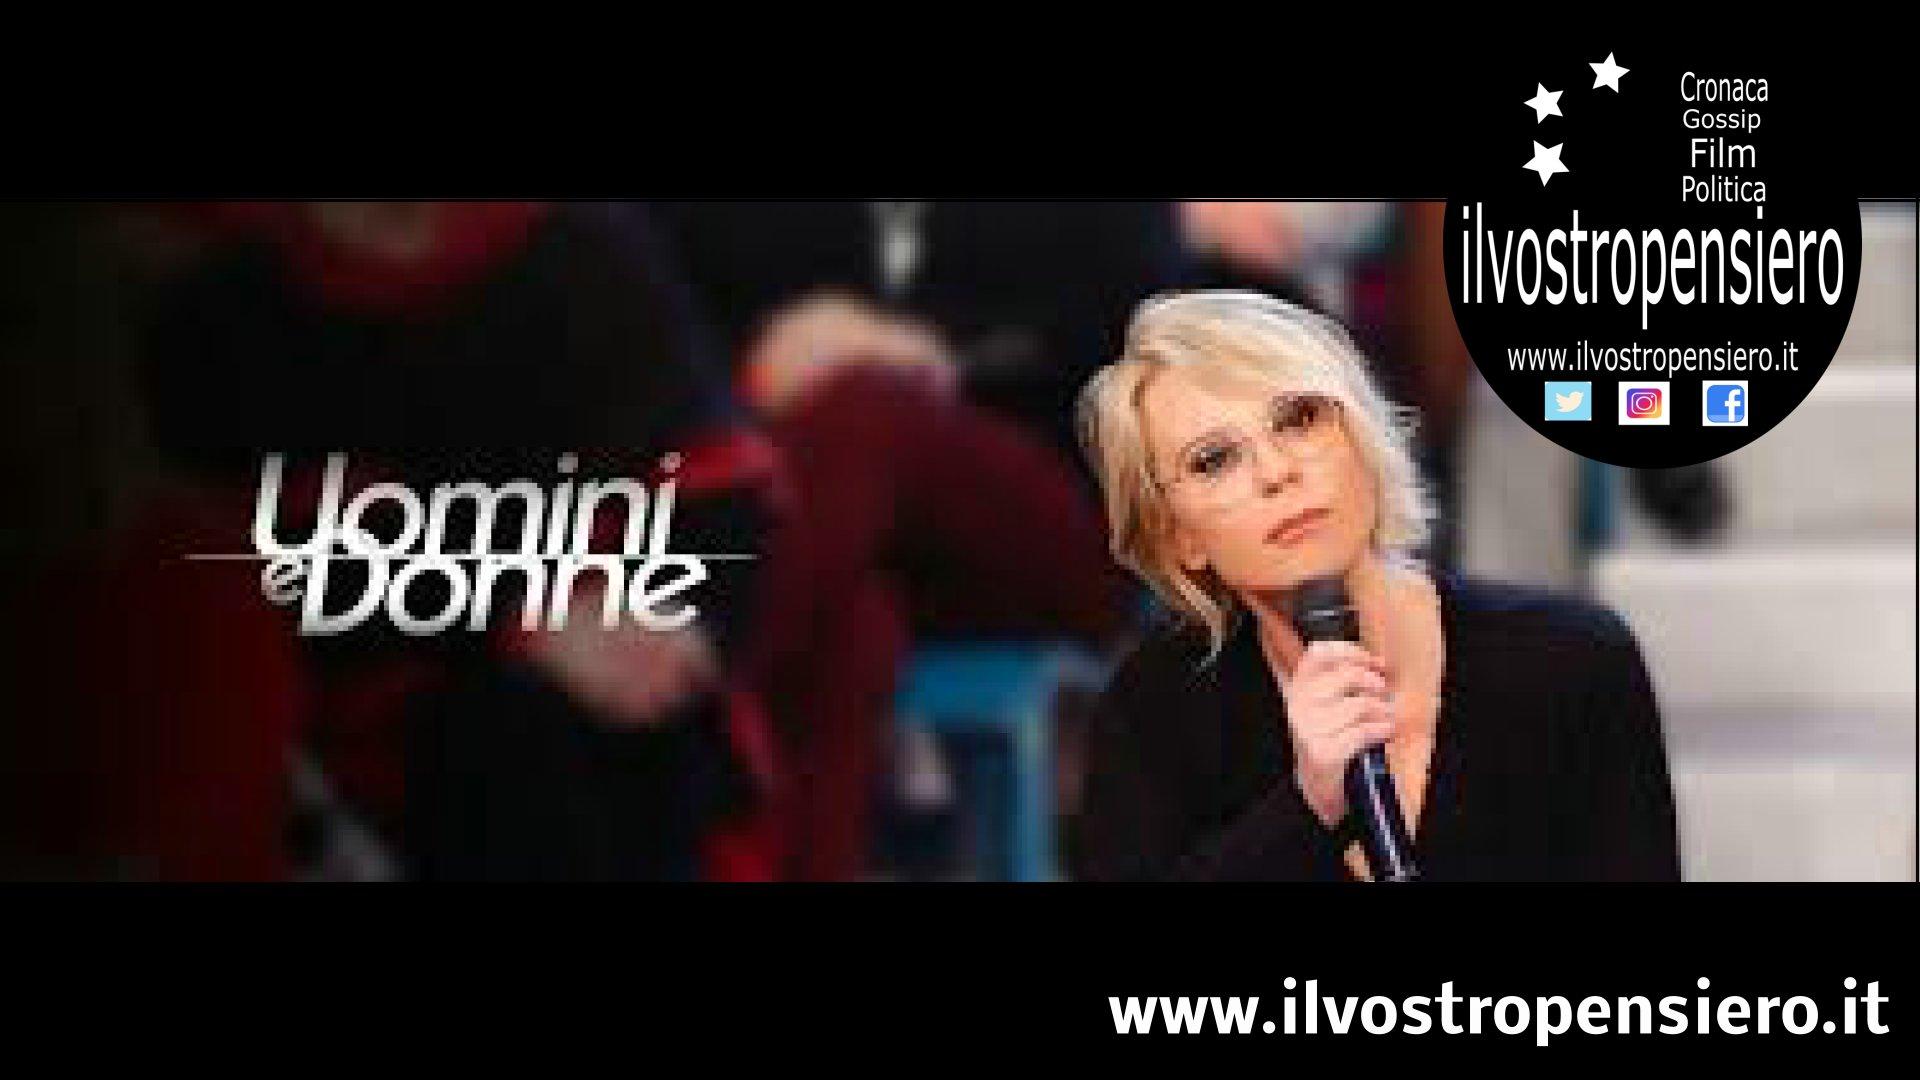 Uomini e Donne: gravi accuse al programma e su Gemma Galgani